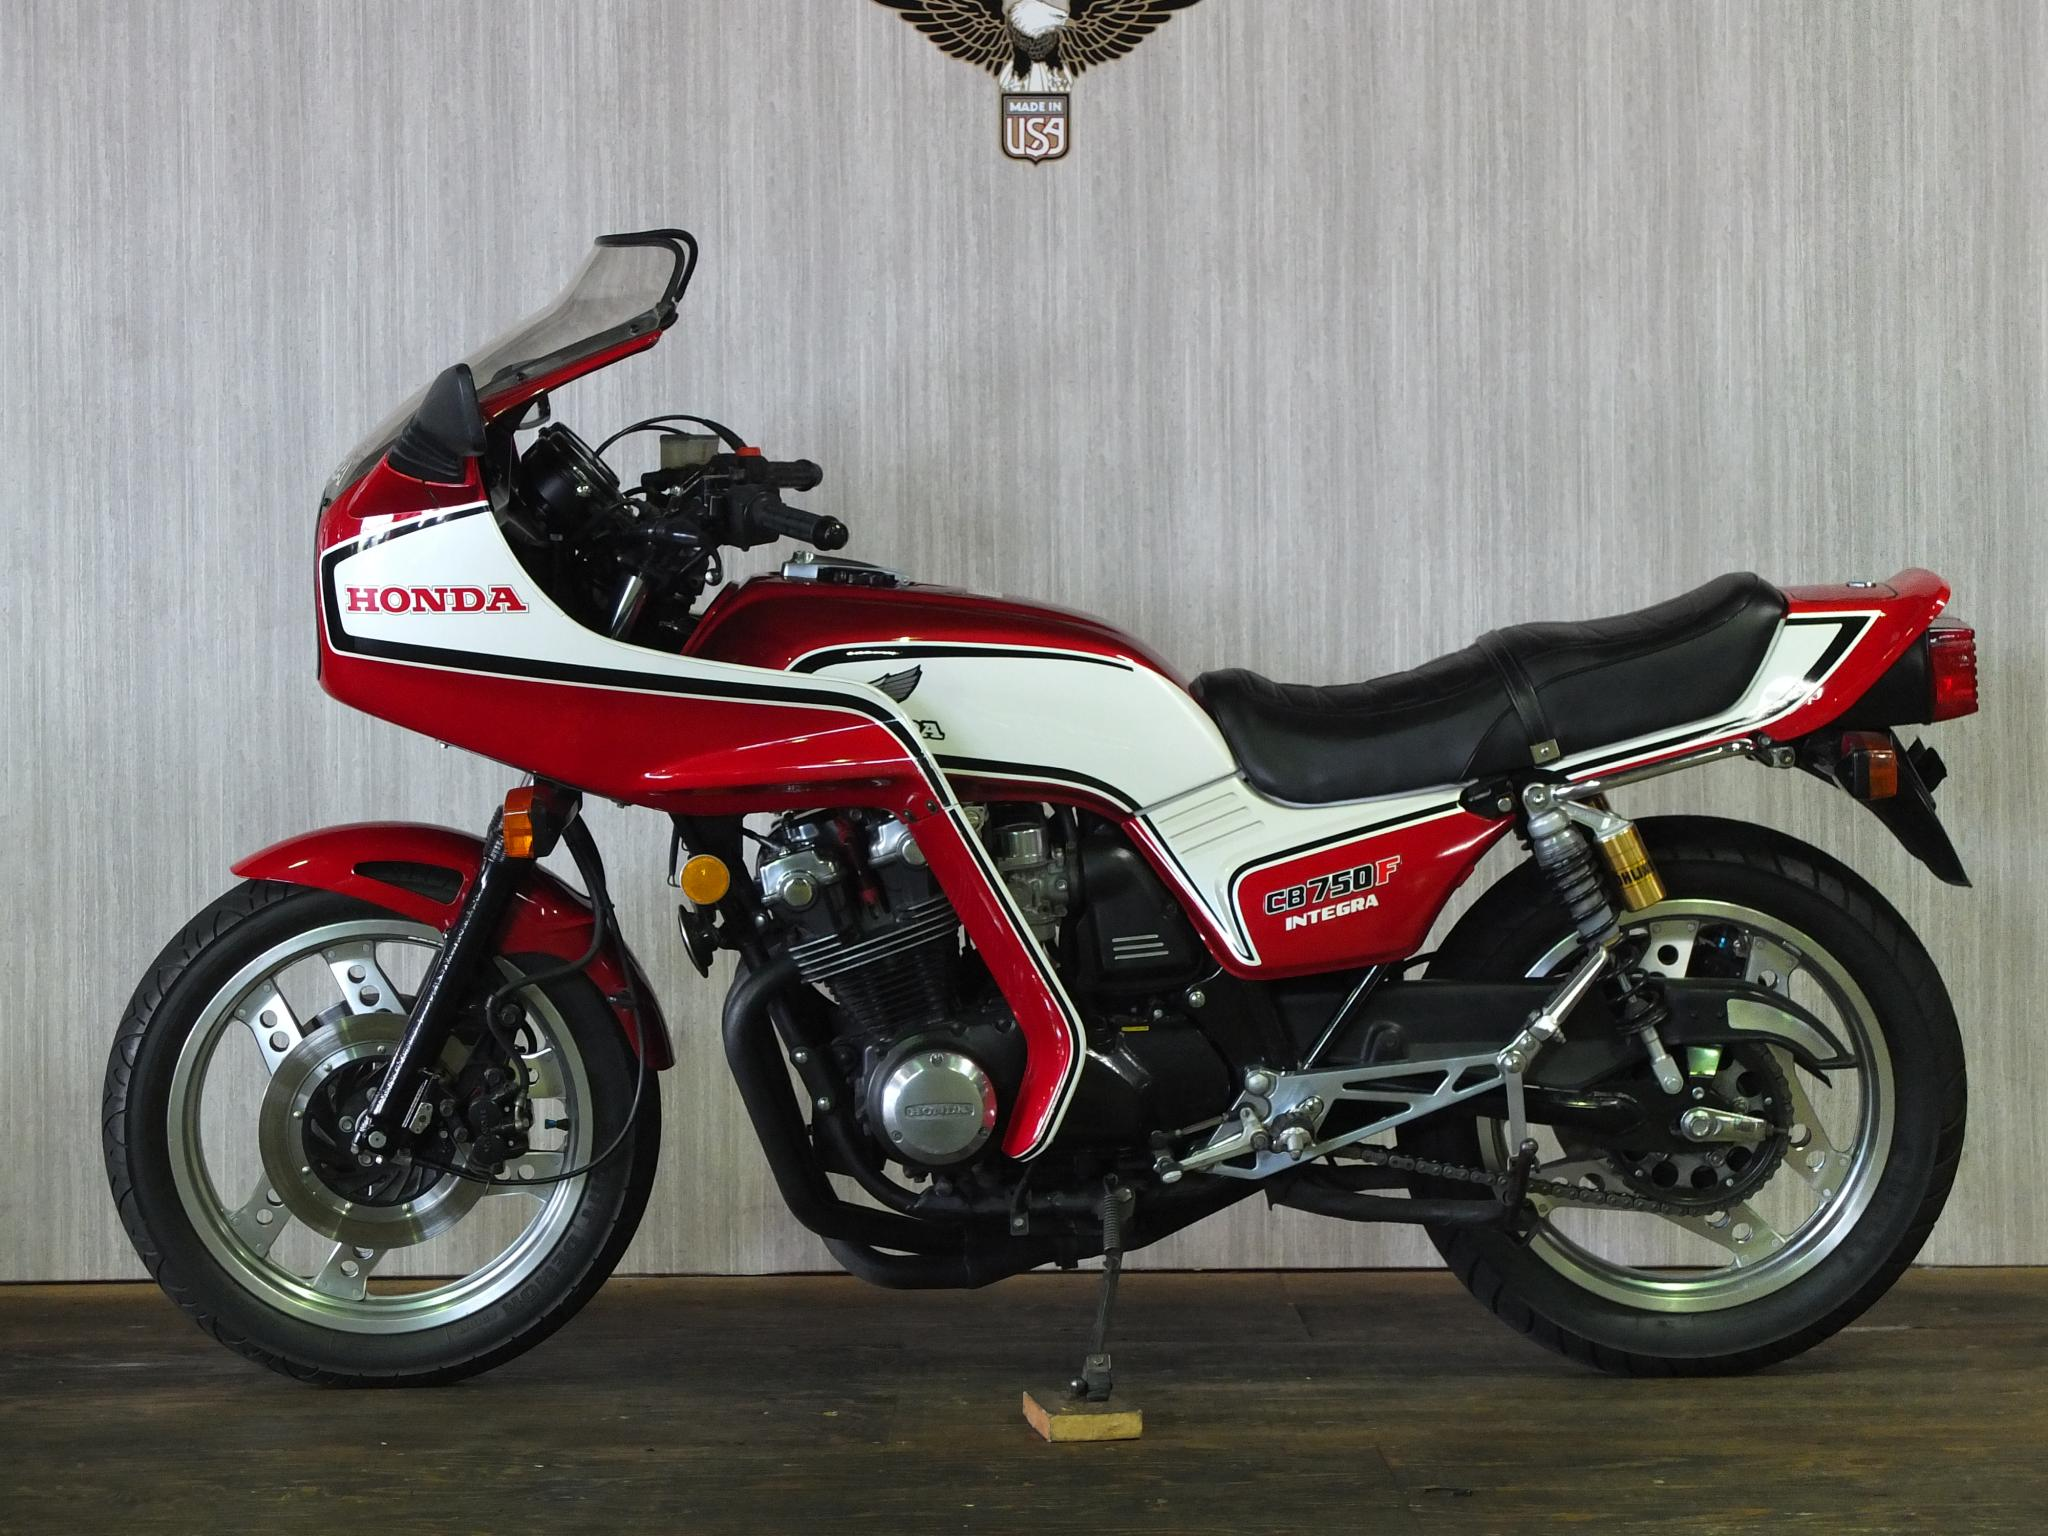 ホンダ 1982 HONDA CB750 INTEGRA 車体写真4